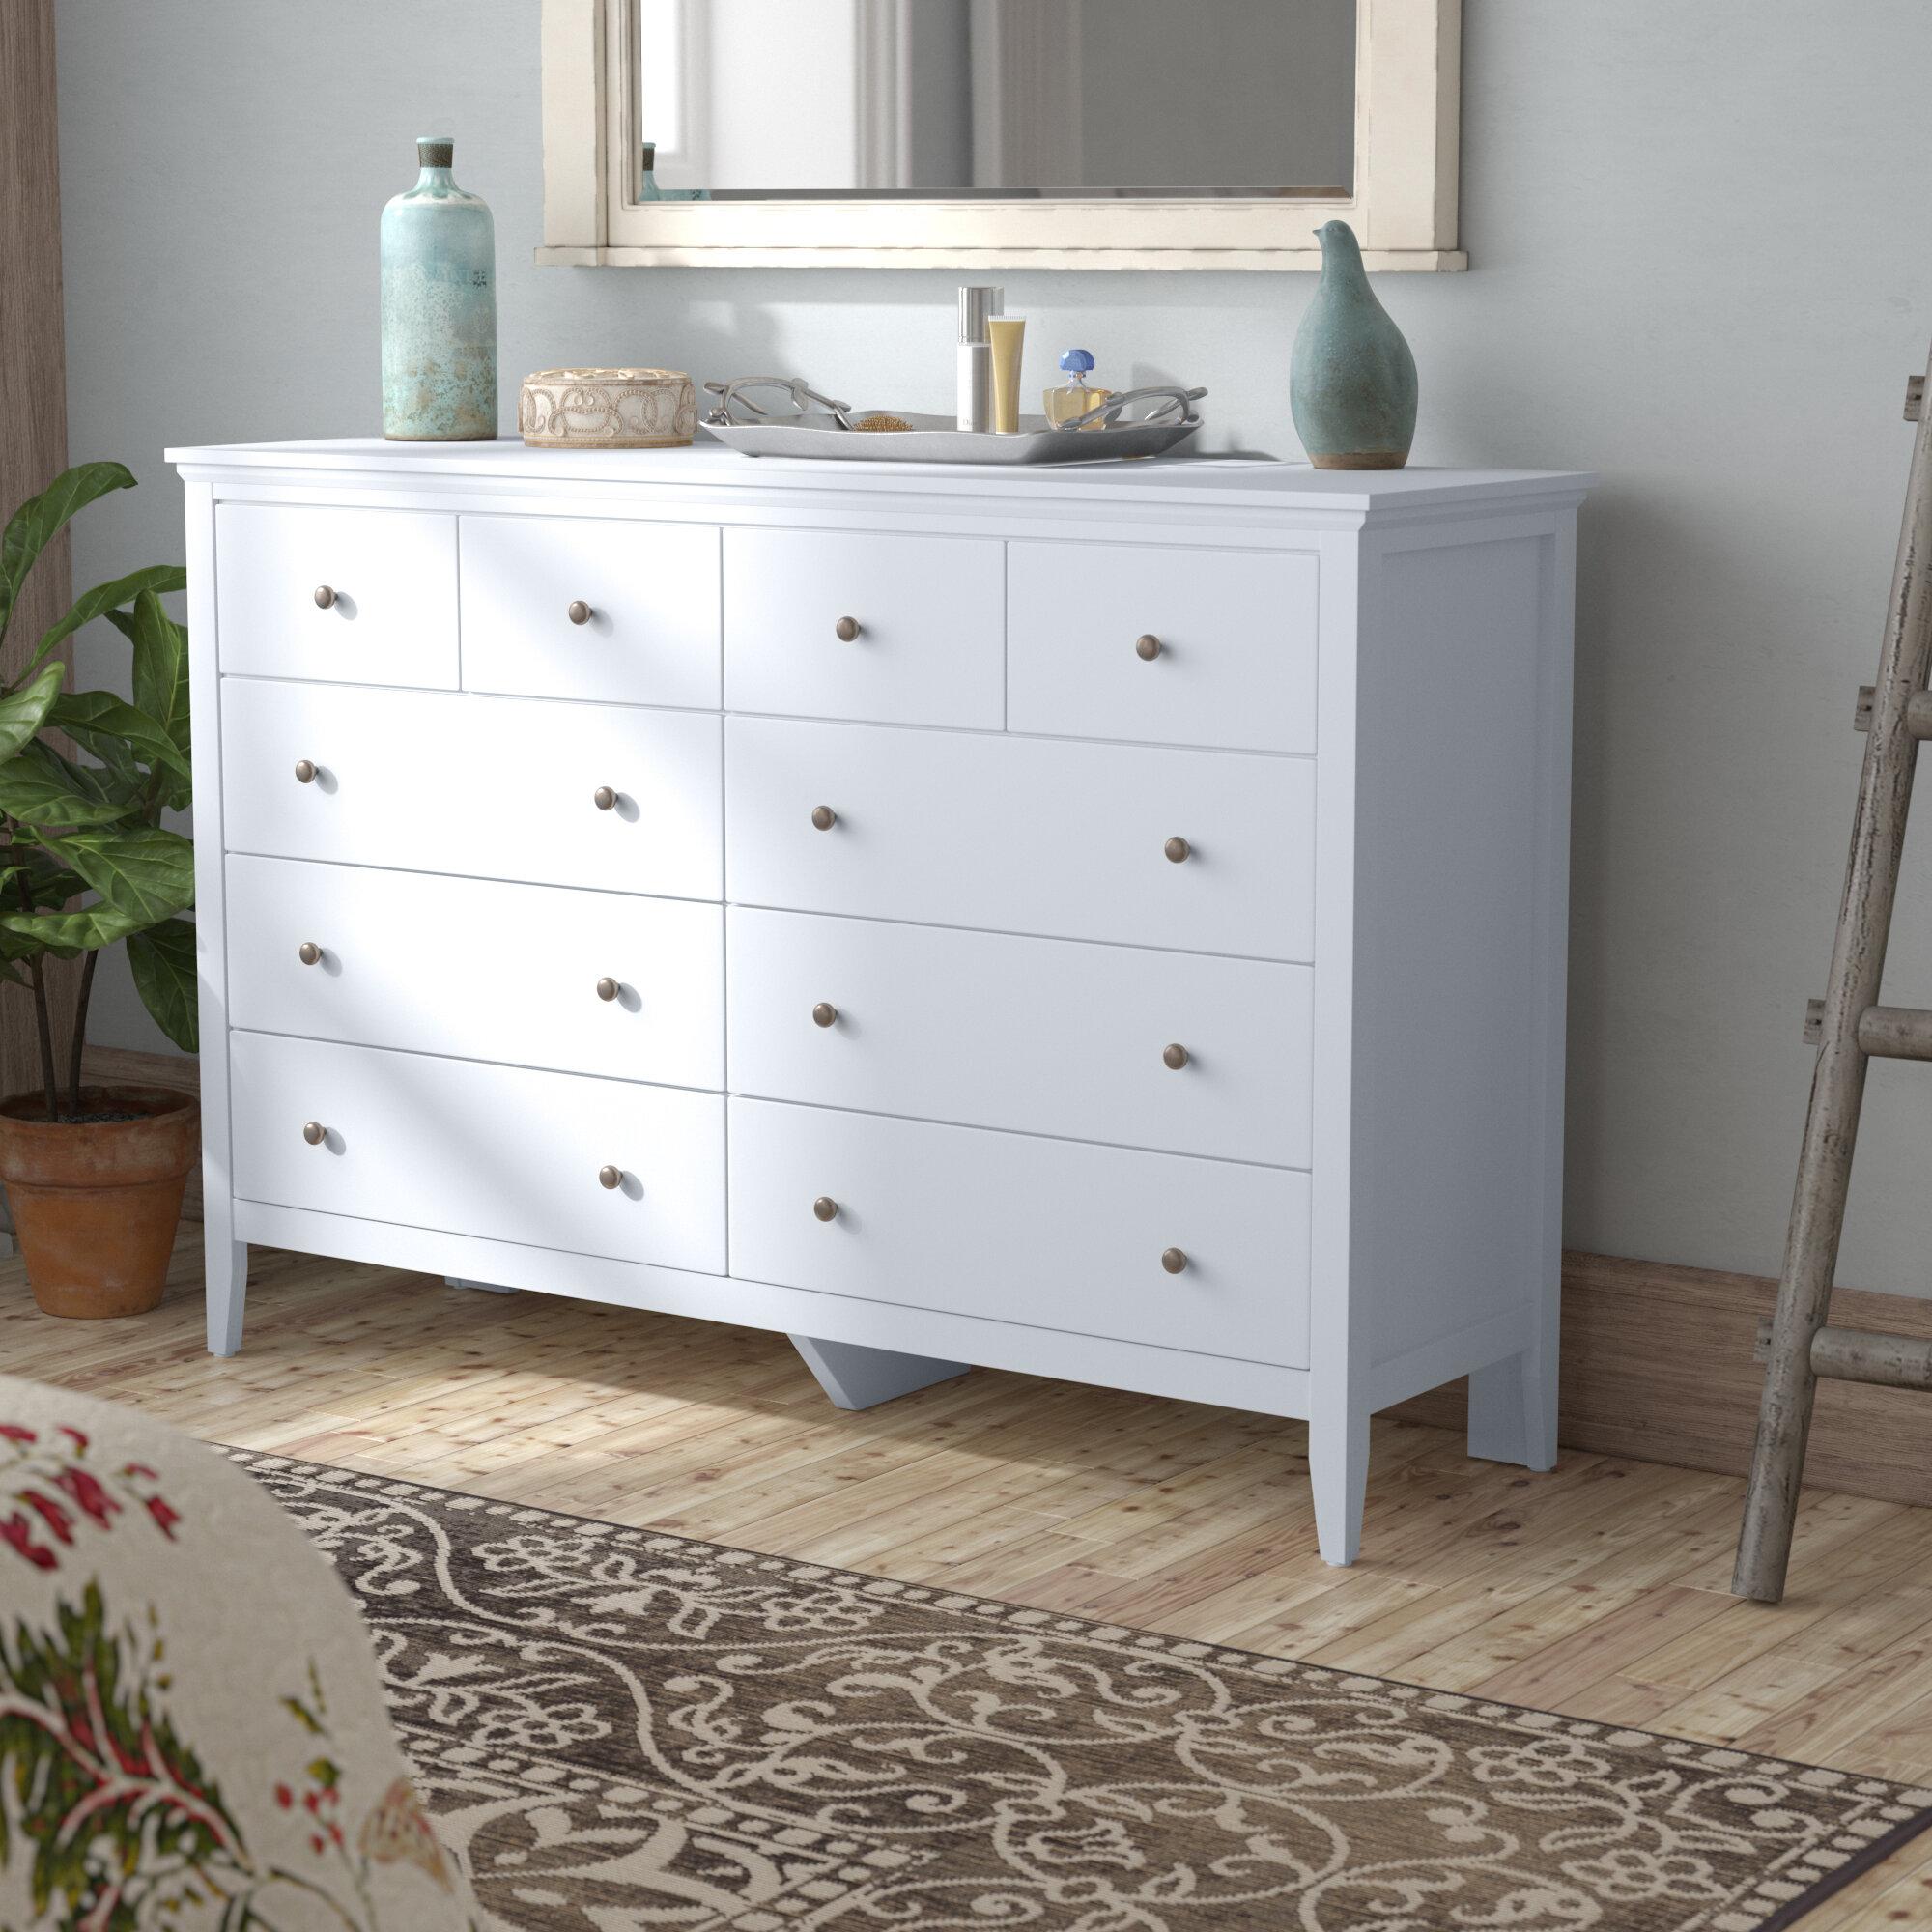 Laurel Foundry Modern Farmhouse Lignite 8 Drawer Double Dresser